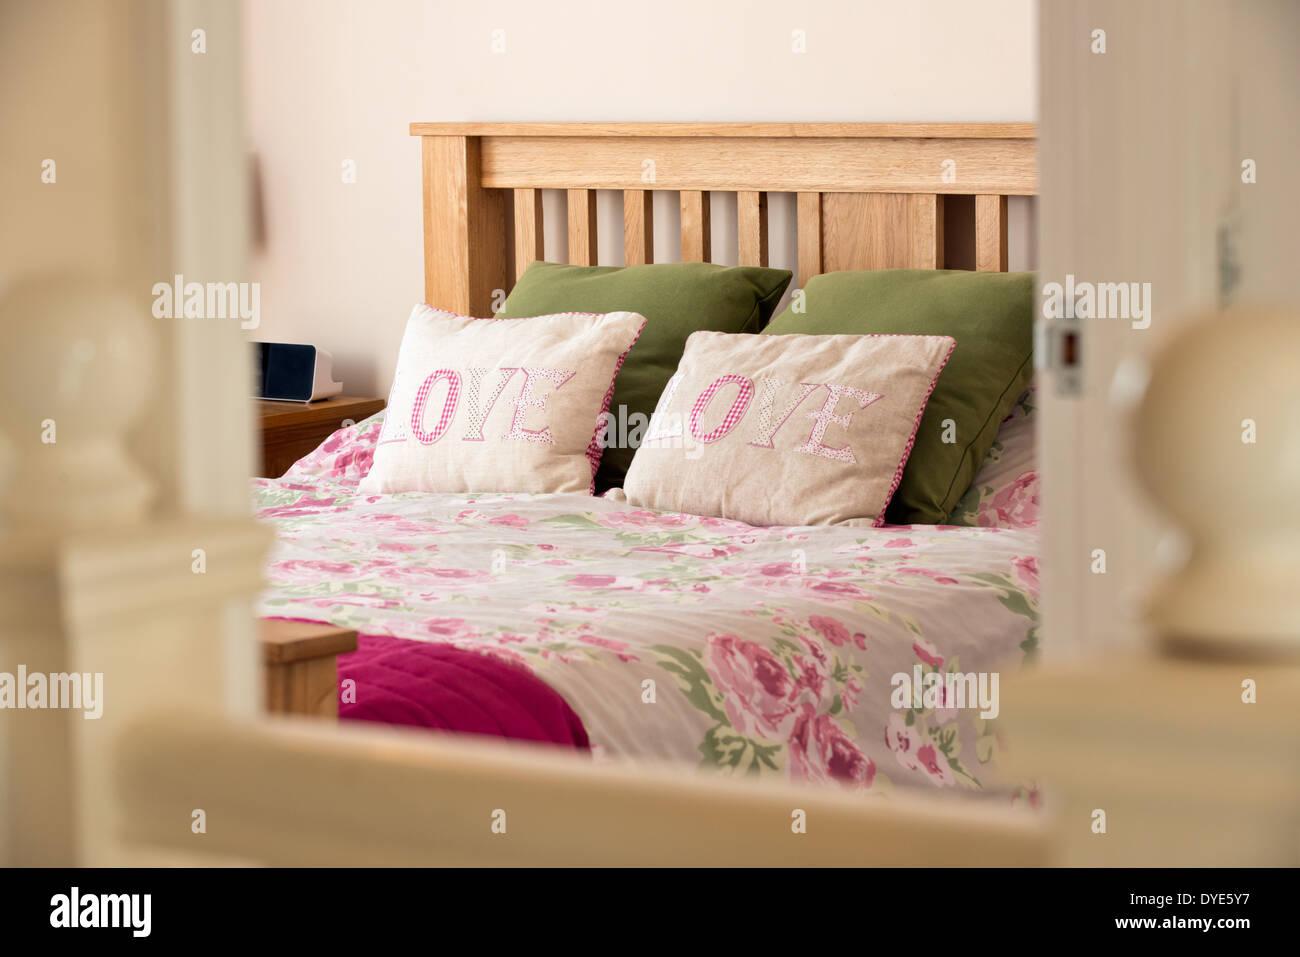 Stili Di Camere Da Letto lo stile di vita di una immagine di un letto in un